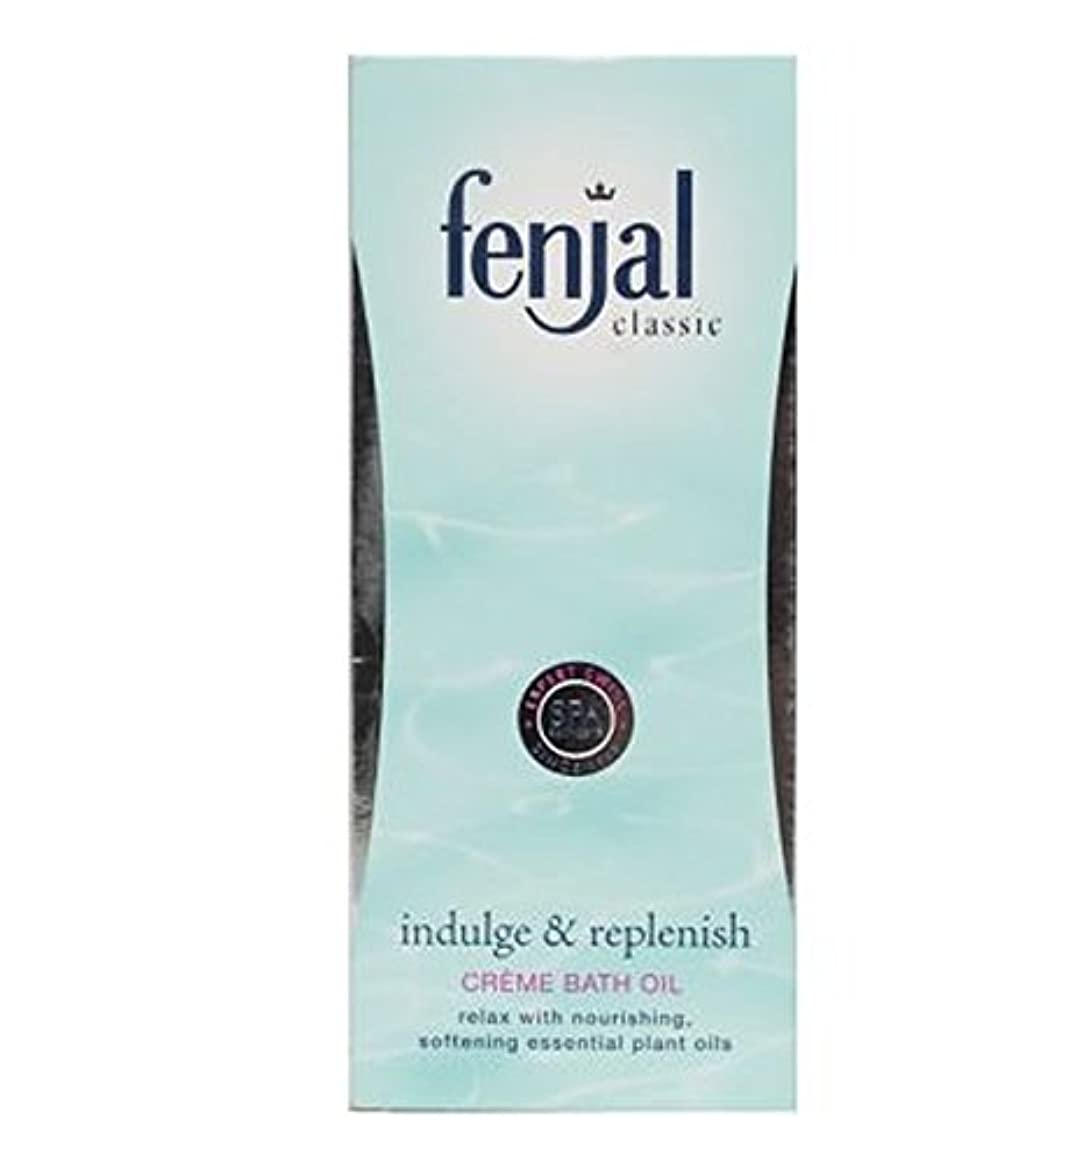 スラッシュの間に究極のFenjal Classic Luxury Creme Bath Oil 125 ml - Fenjal古典的な高級クリームバスオイル125ミリリットル (Fenjal) [並行輸入品]